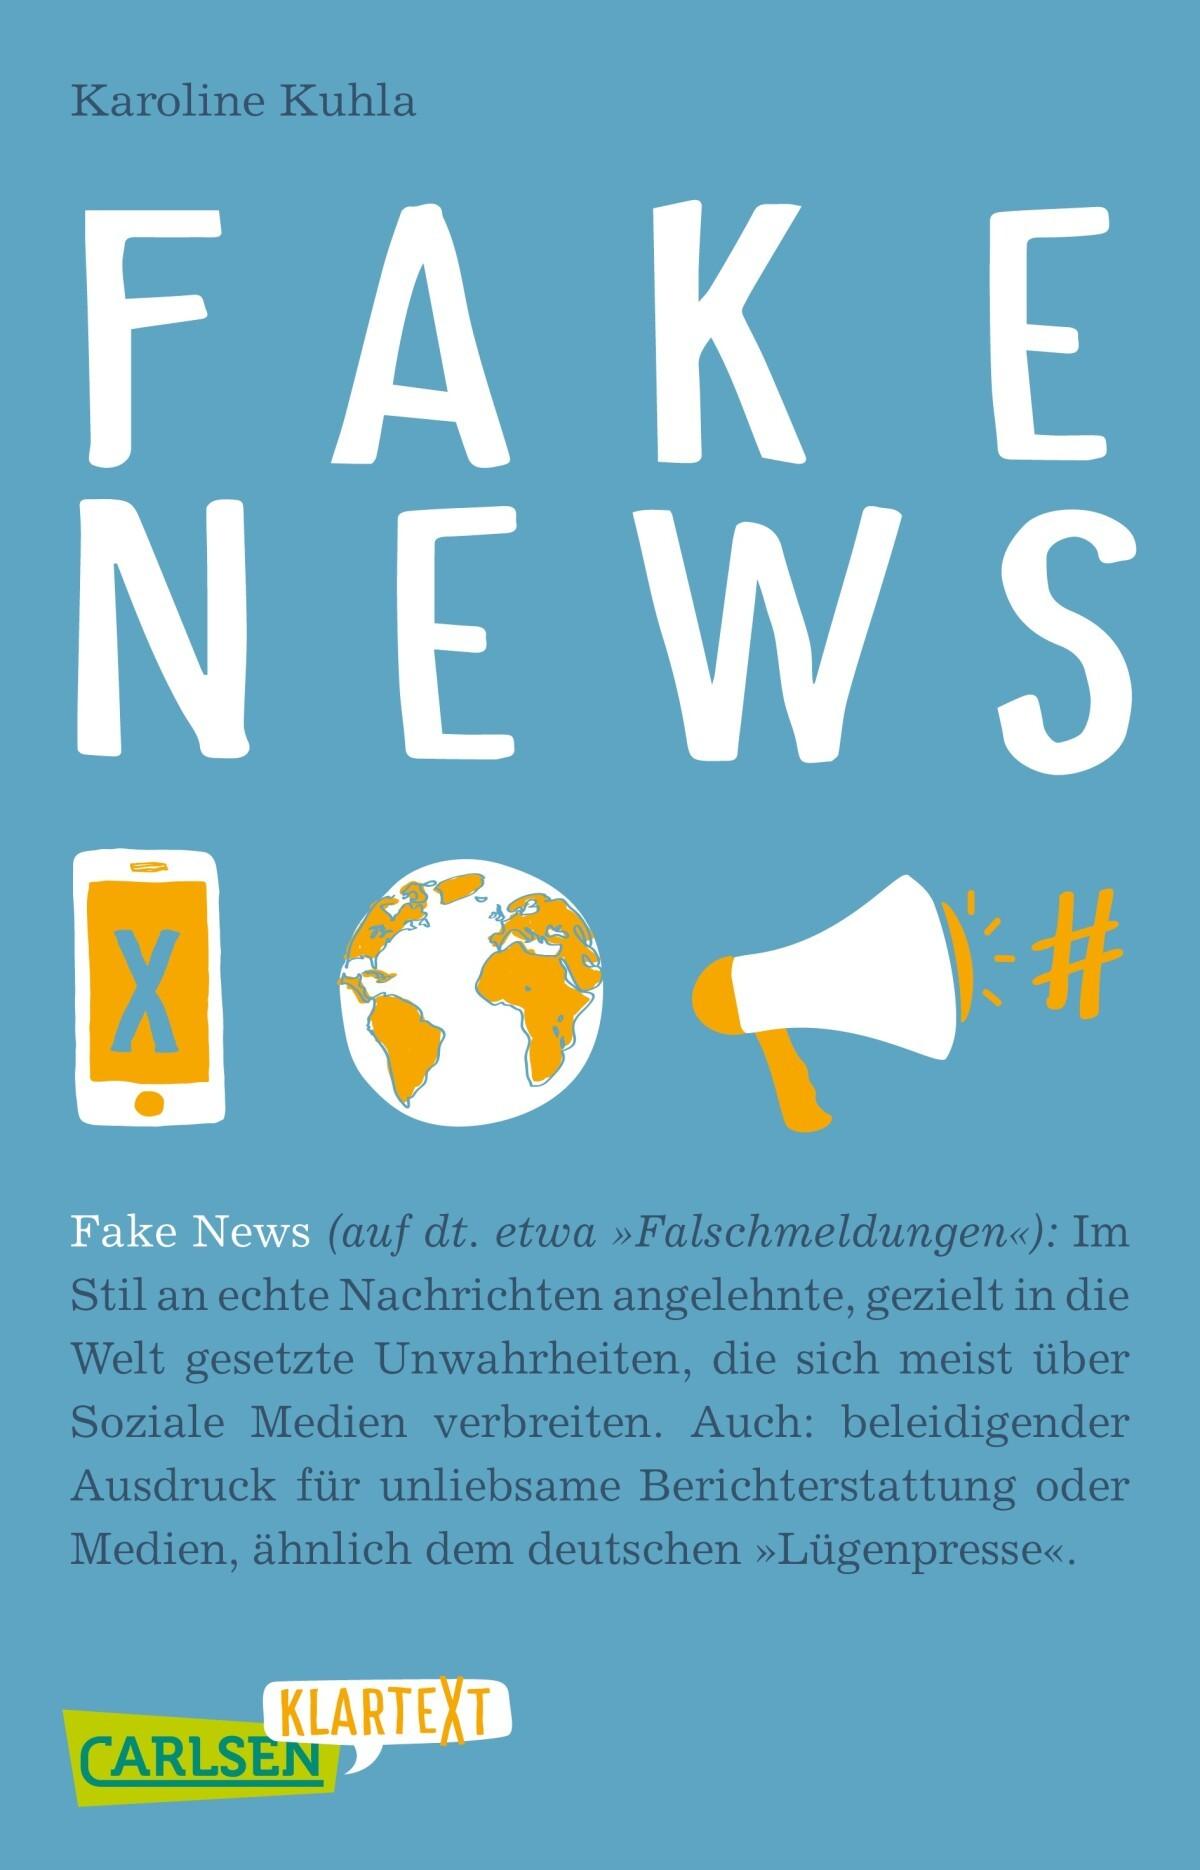 Fake News Seite